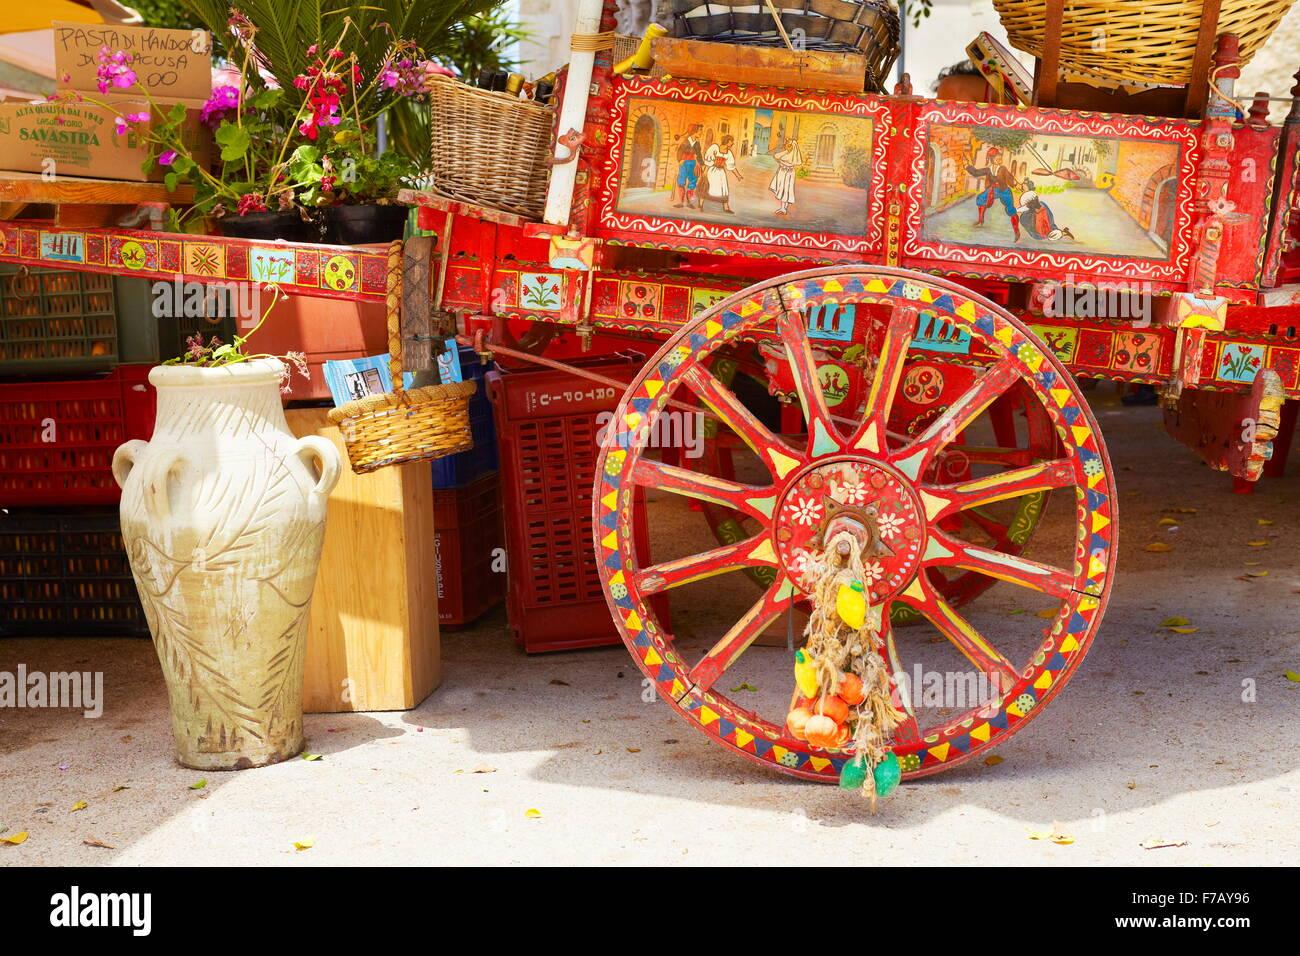 Una decoración colorida, carro rural tradicional siciliana calesa, decoración de calle, isla de Sicilia, Imagen De Stock